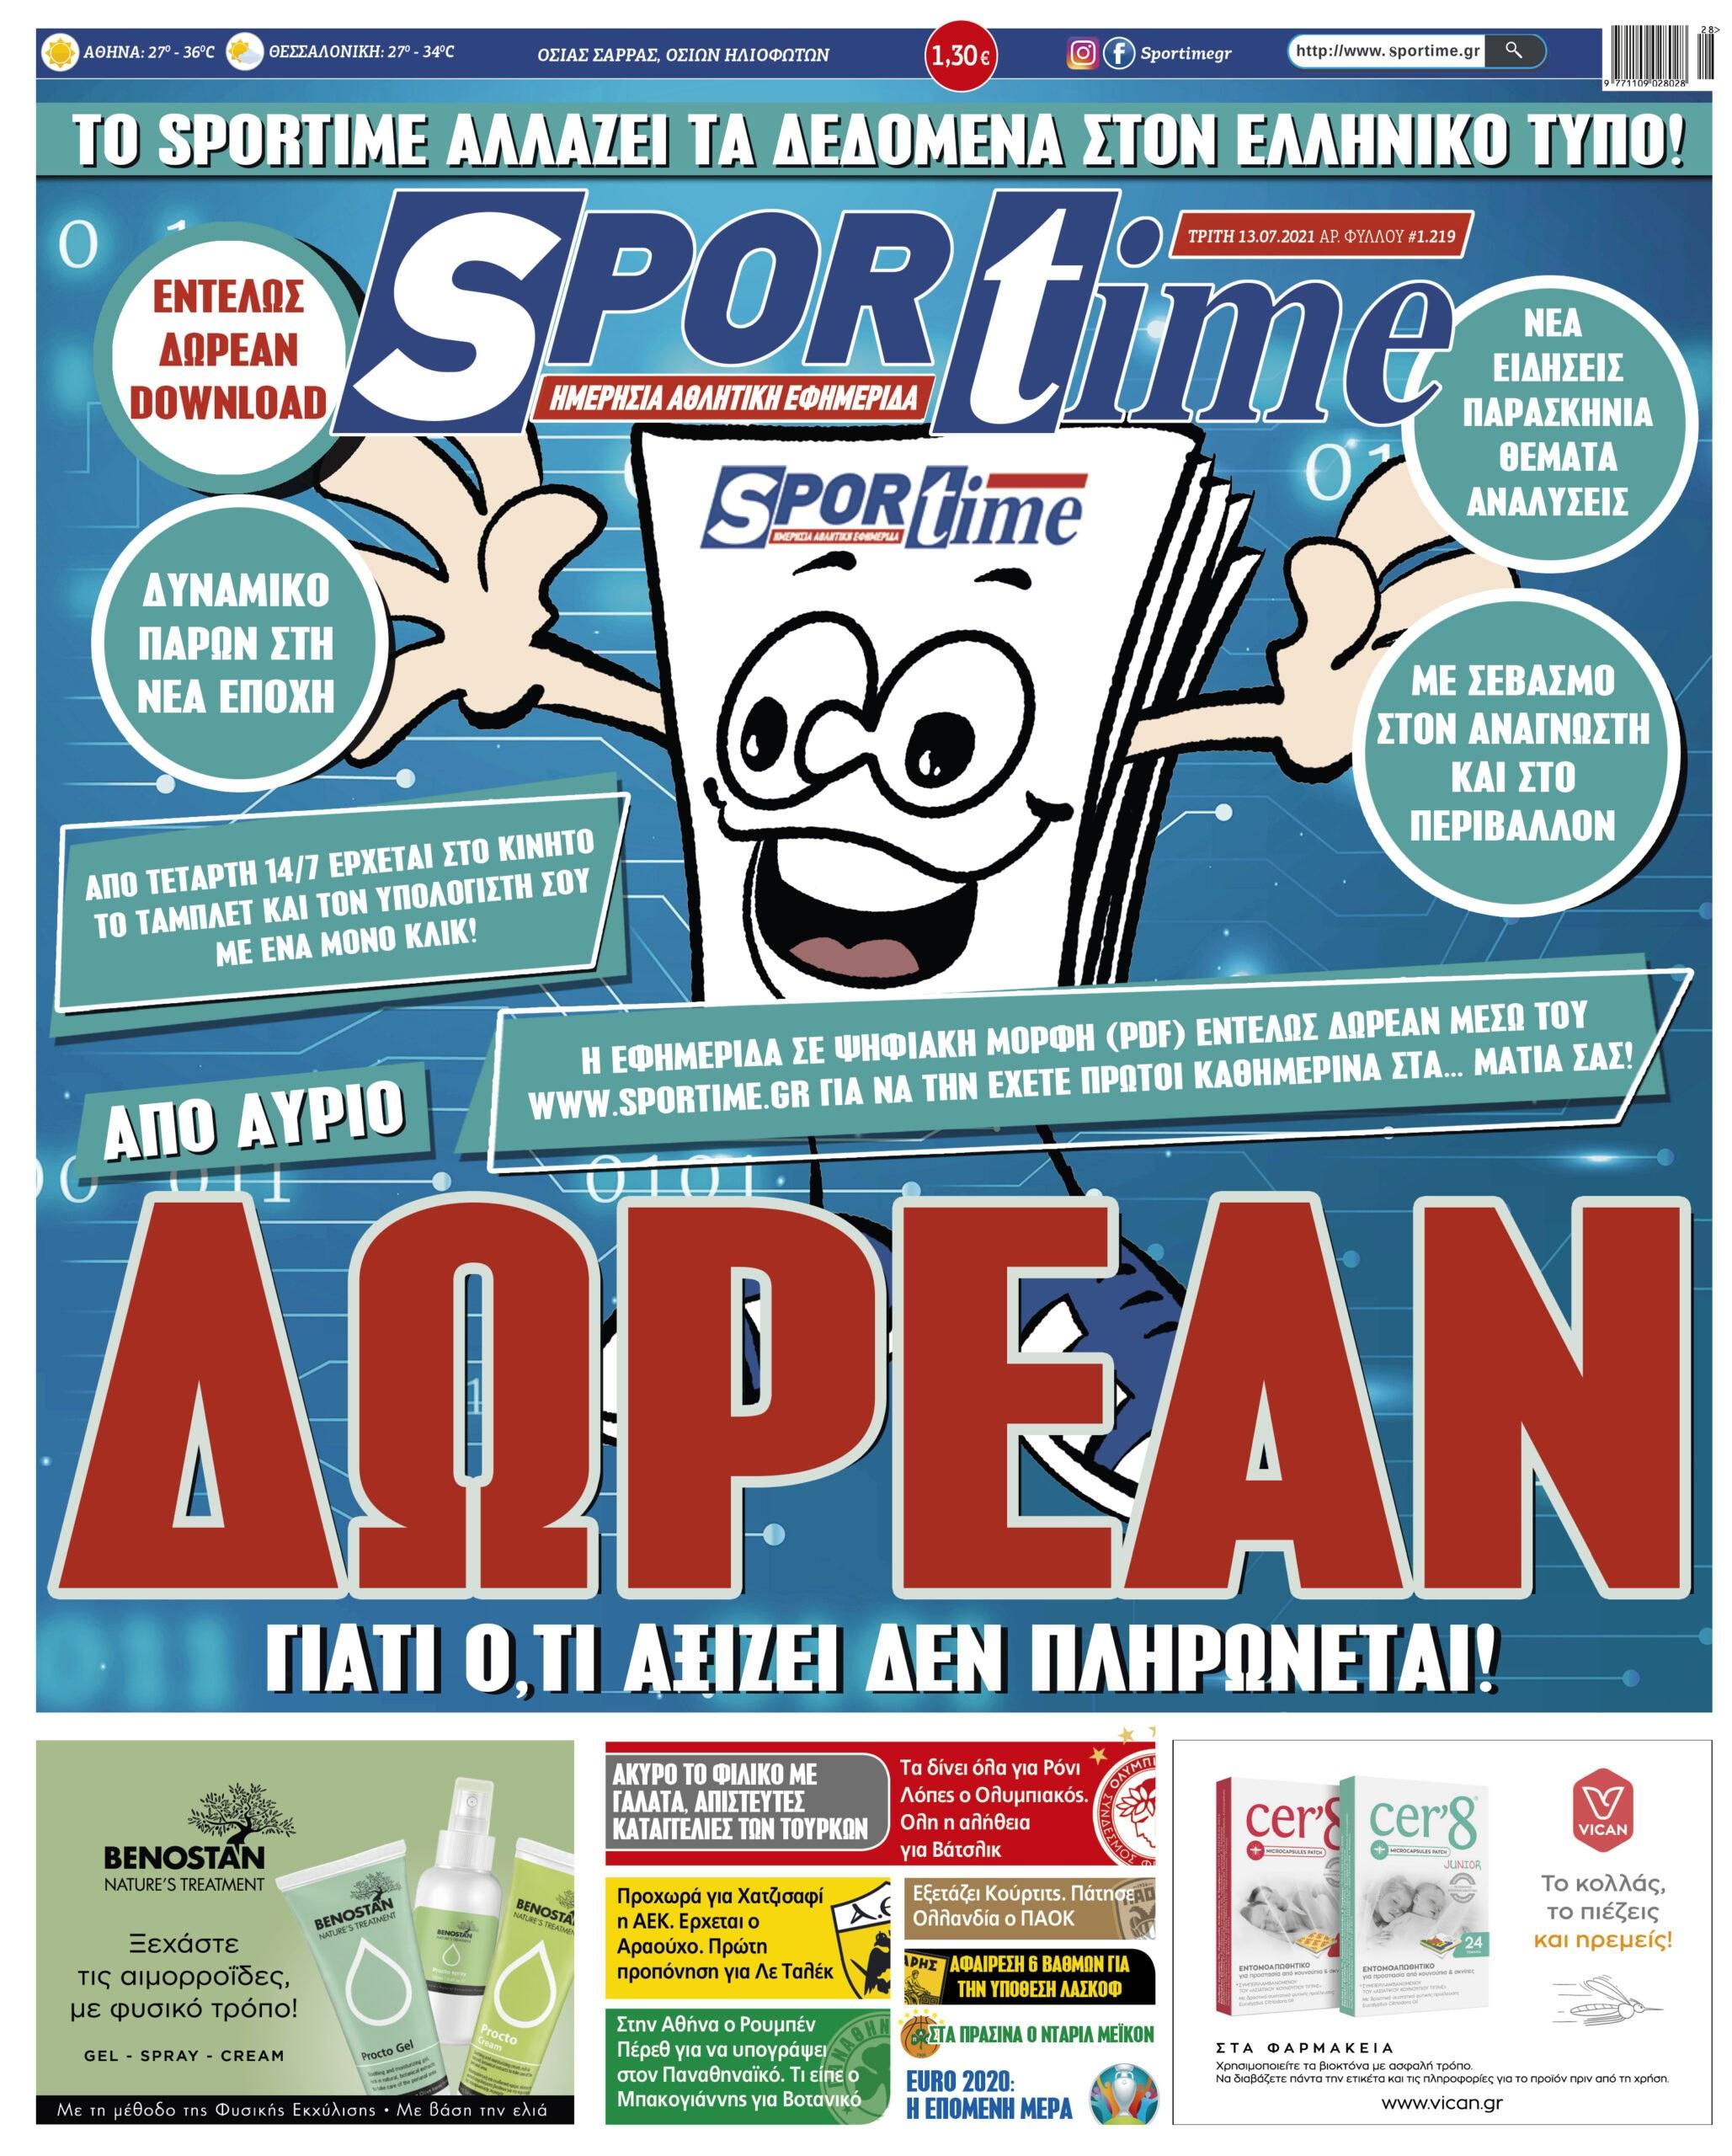 Εφημερίδα SPORTIME - Εξώφυλλο φύλλου 13/7/2021